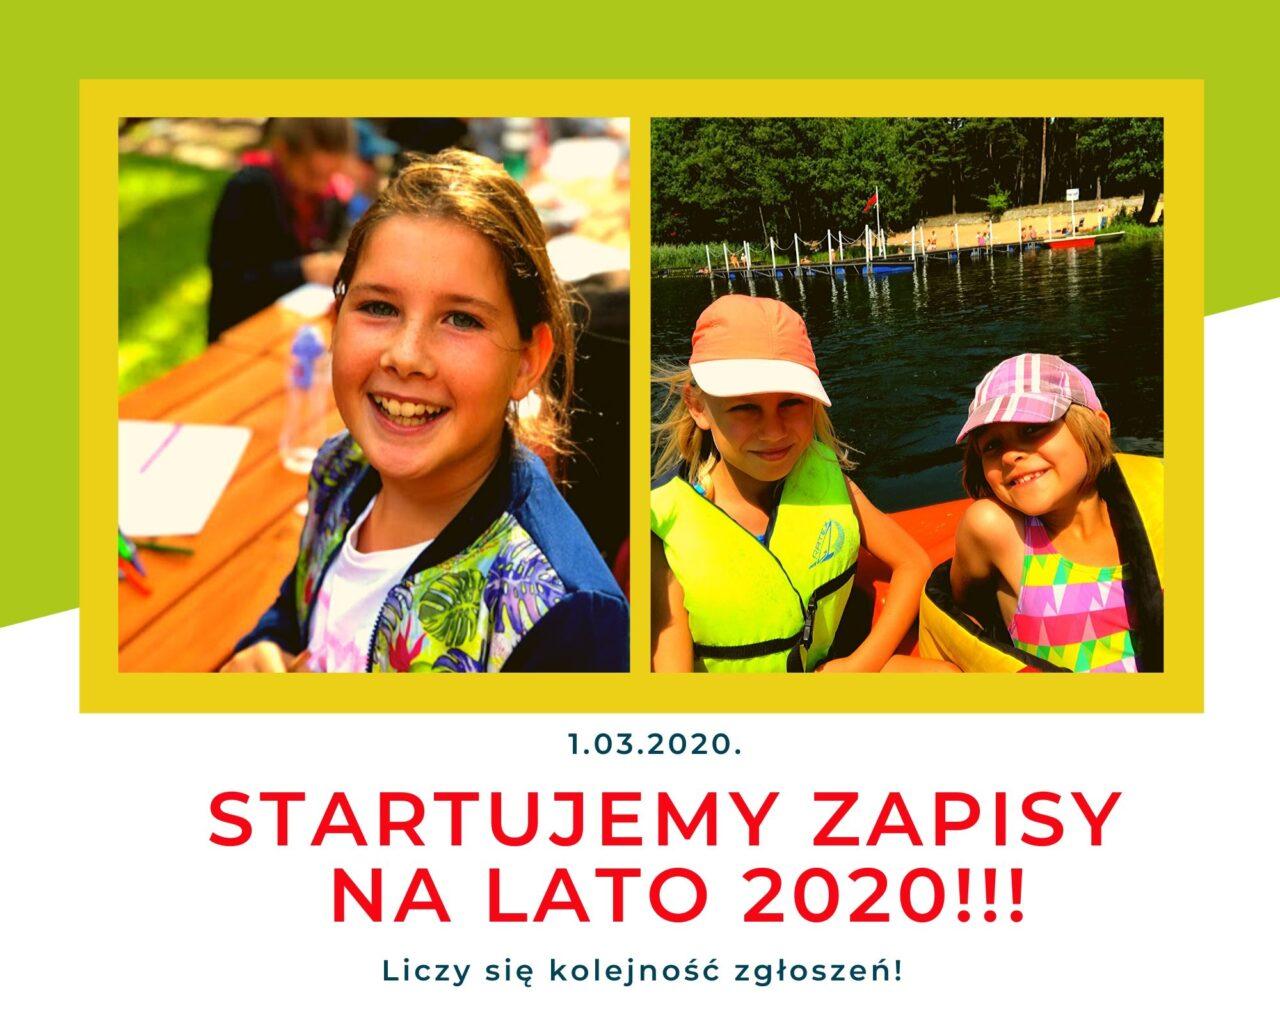 ROZPOCZYNAMY-ZAPISY-1280x1024.jpg